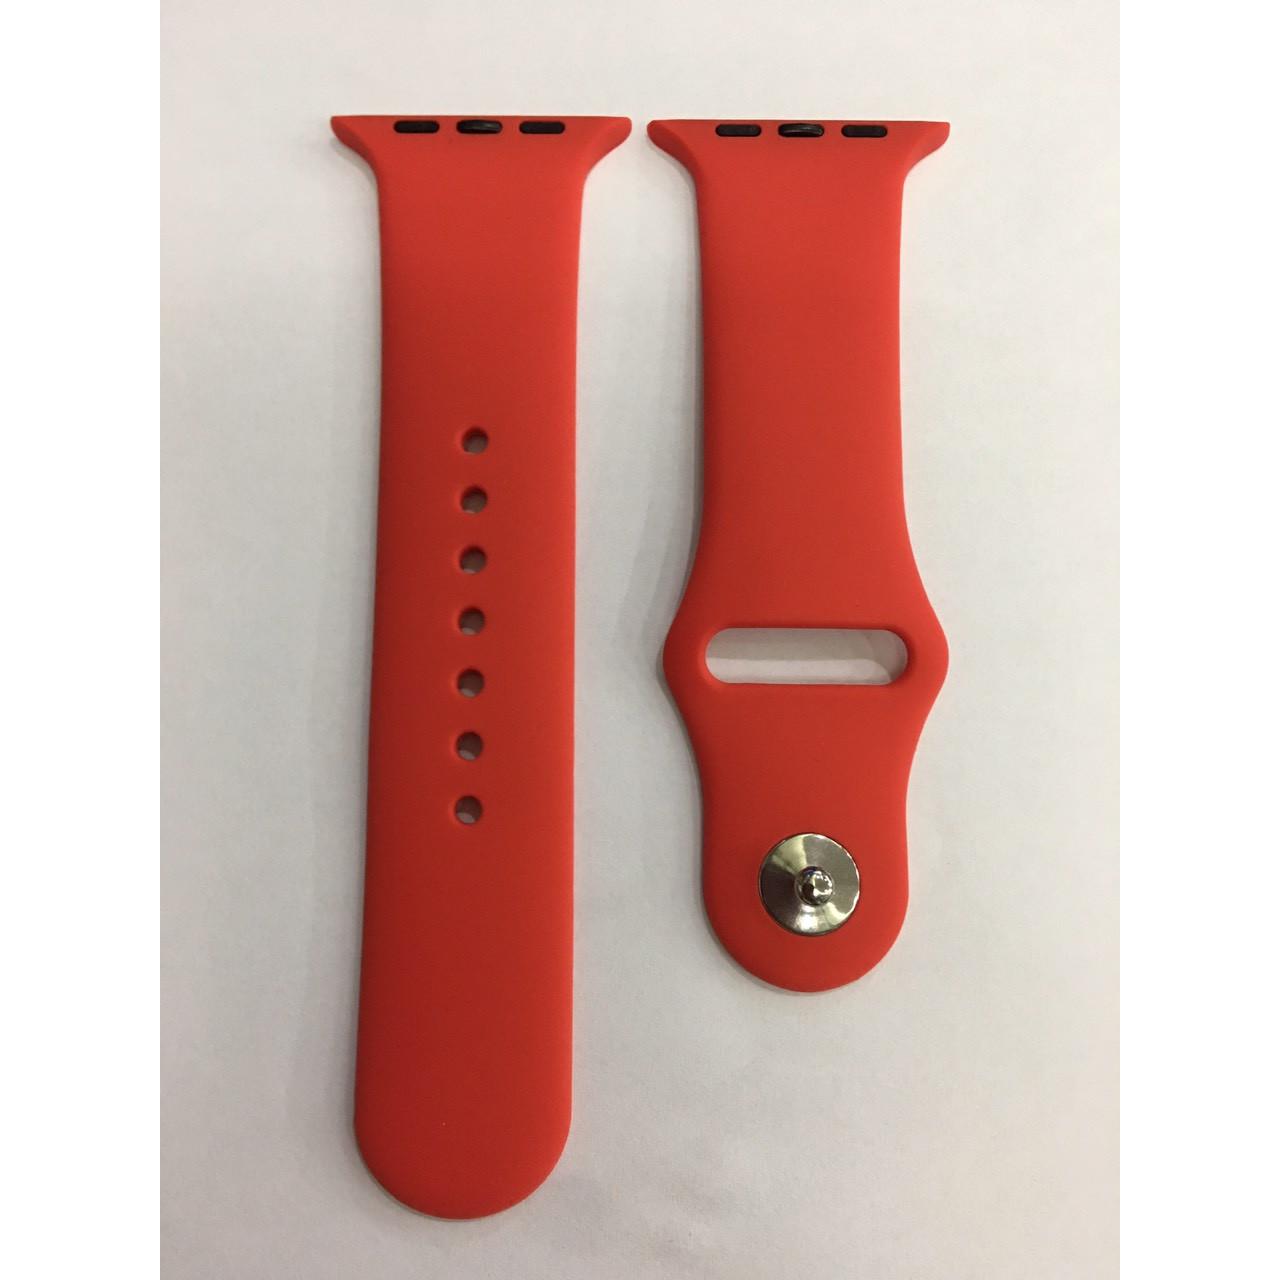 Dây đồng hồ silicon cho apple watch chống bẩn đẹp mắt